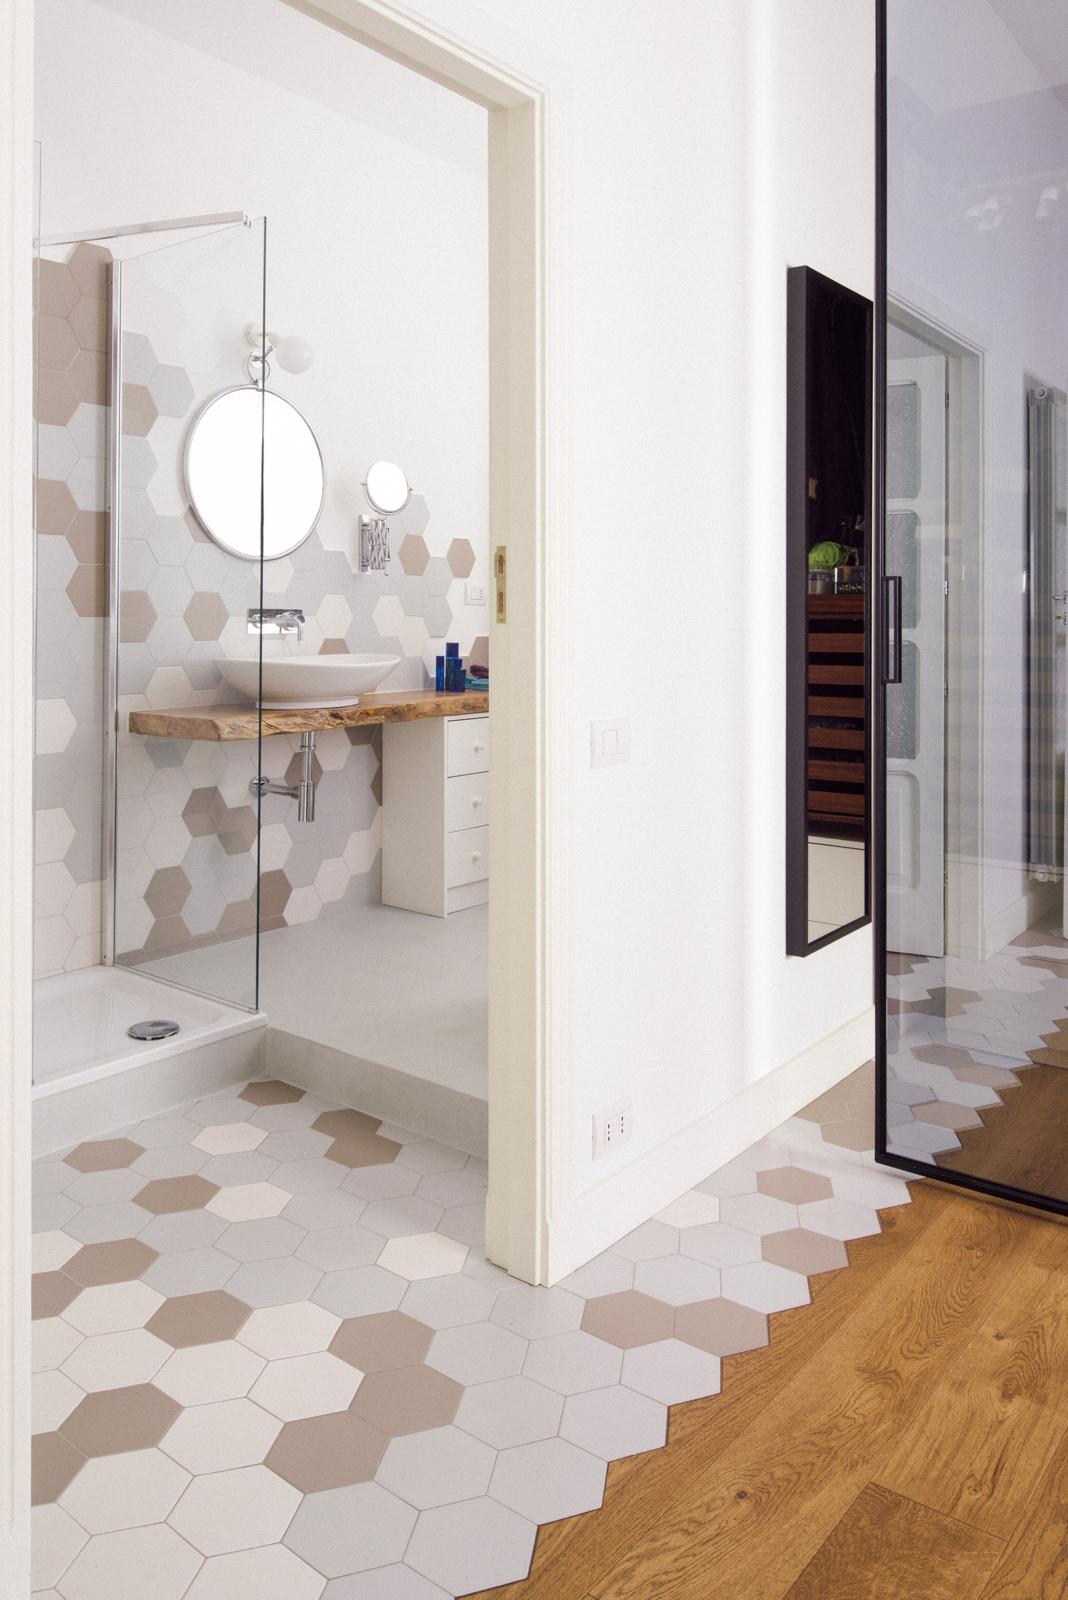 Progettazione residenziale Architetto Salerno Progettazione luce Casa moderna